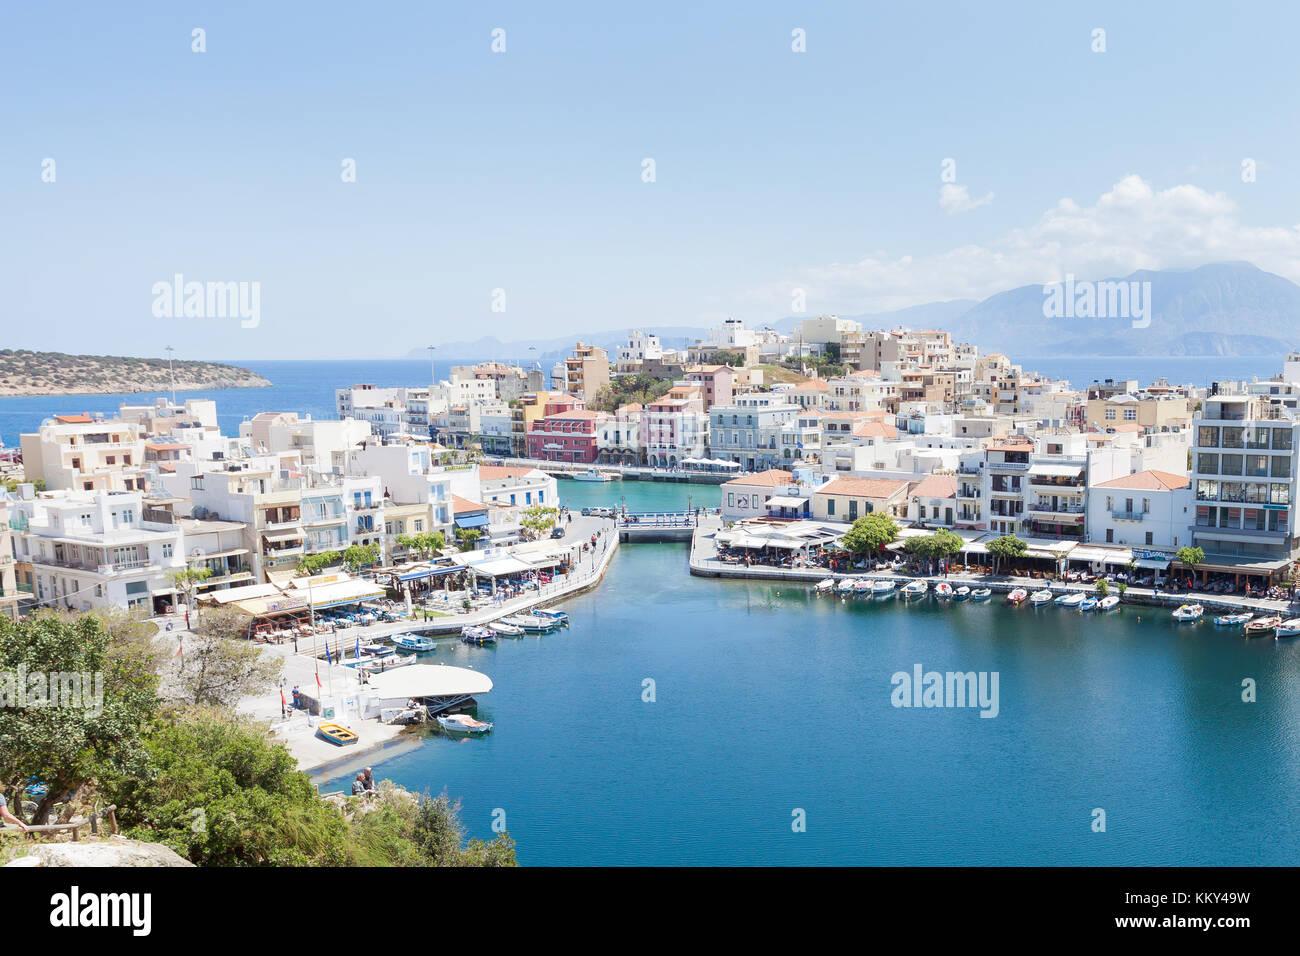 Kreta - Griechenland - Hafen von Agios Nikolaos, Europa Stockfoto